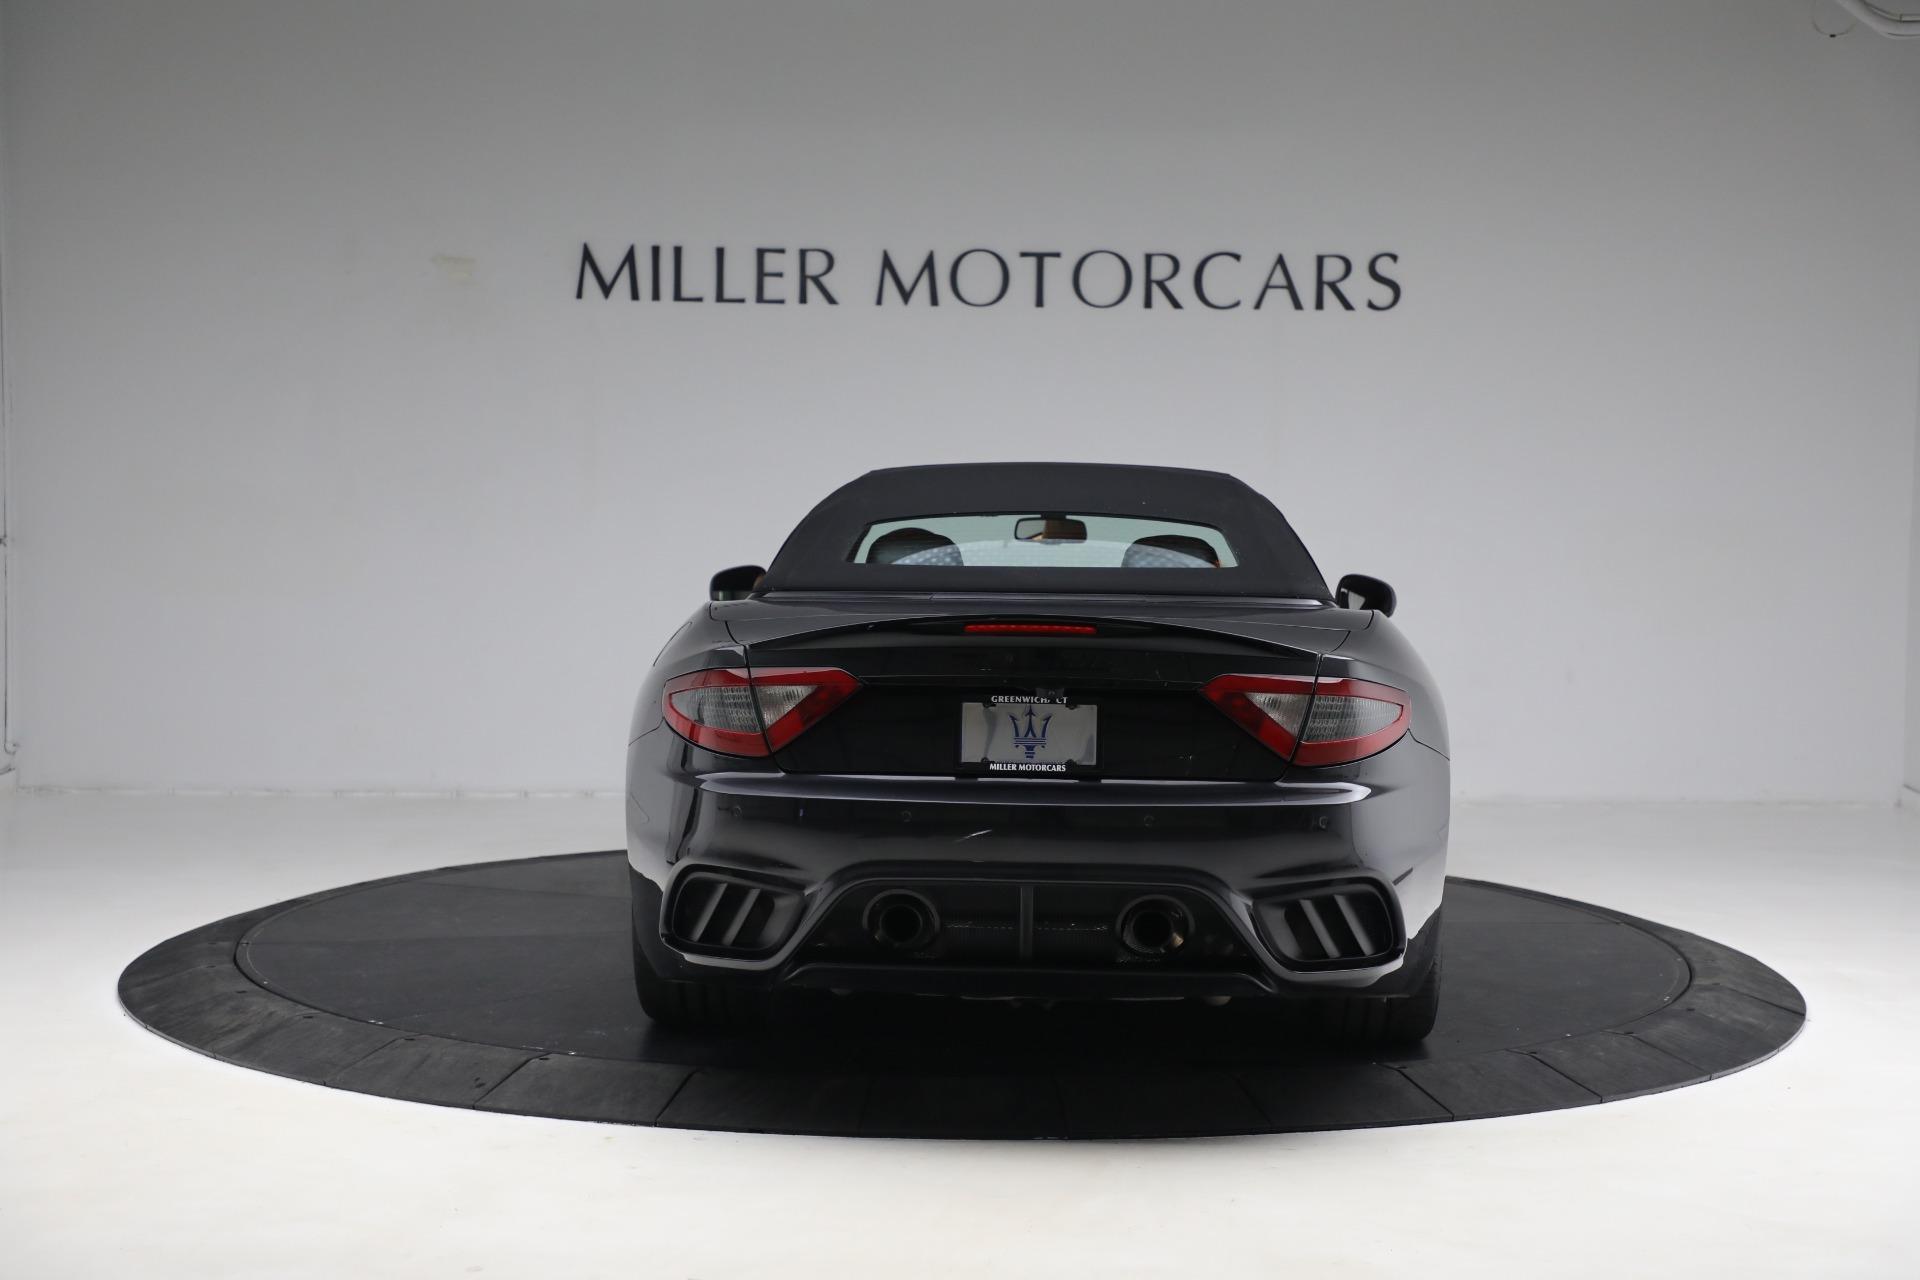 New 2019 Maserati GranTurismo MC Convertible For Sale 178745 In Greenwich, CT